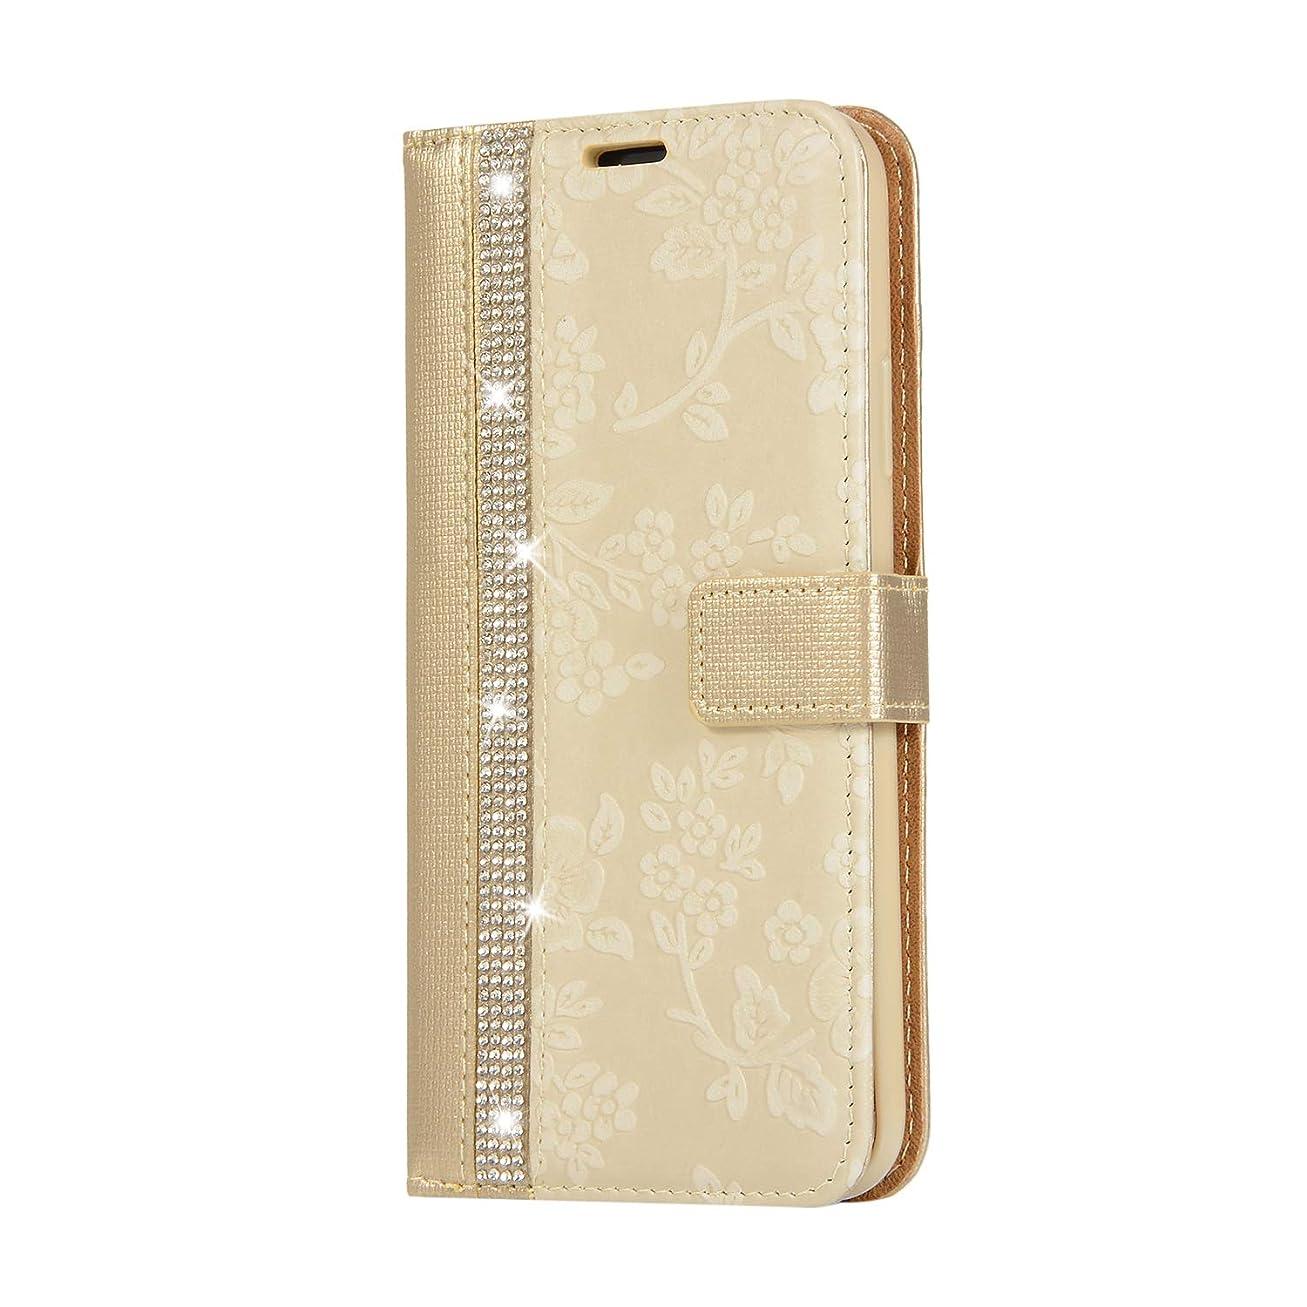 リードエンドウ添加CUNUS iPhone 11 Pro 用 ウォレット ケース, プレミアム PUレザー 全面保護 ケース 耐衝撃 スタンド機能 耐汚れ カード収納 カバー, ゴールド